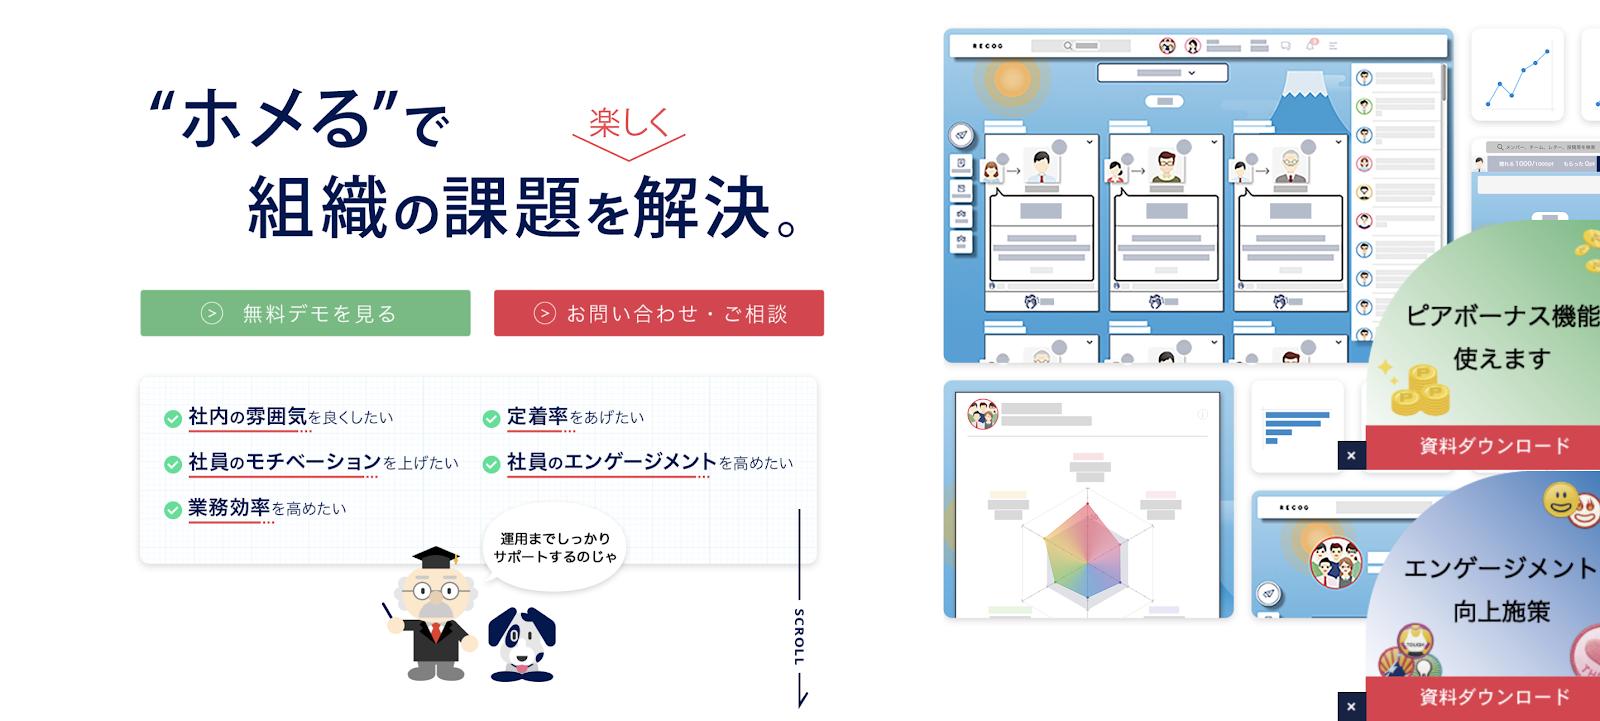 褒めるサービス RECOG